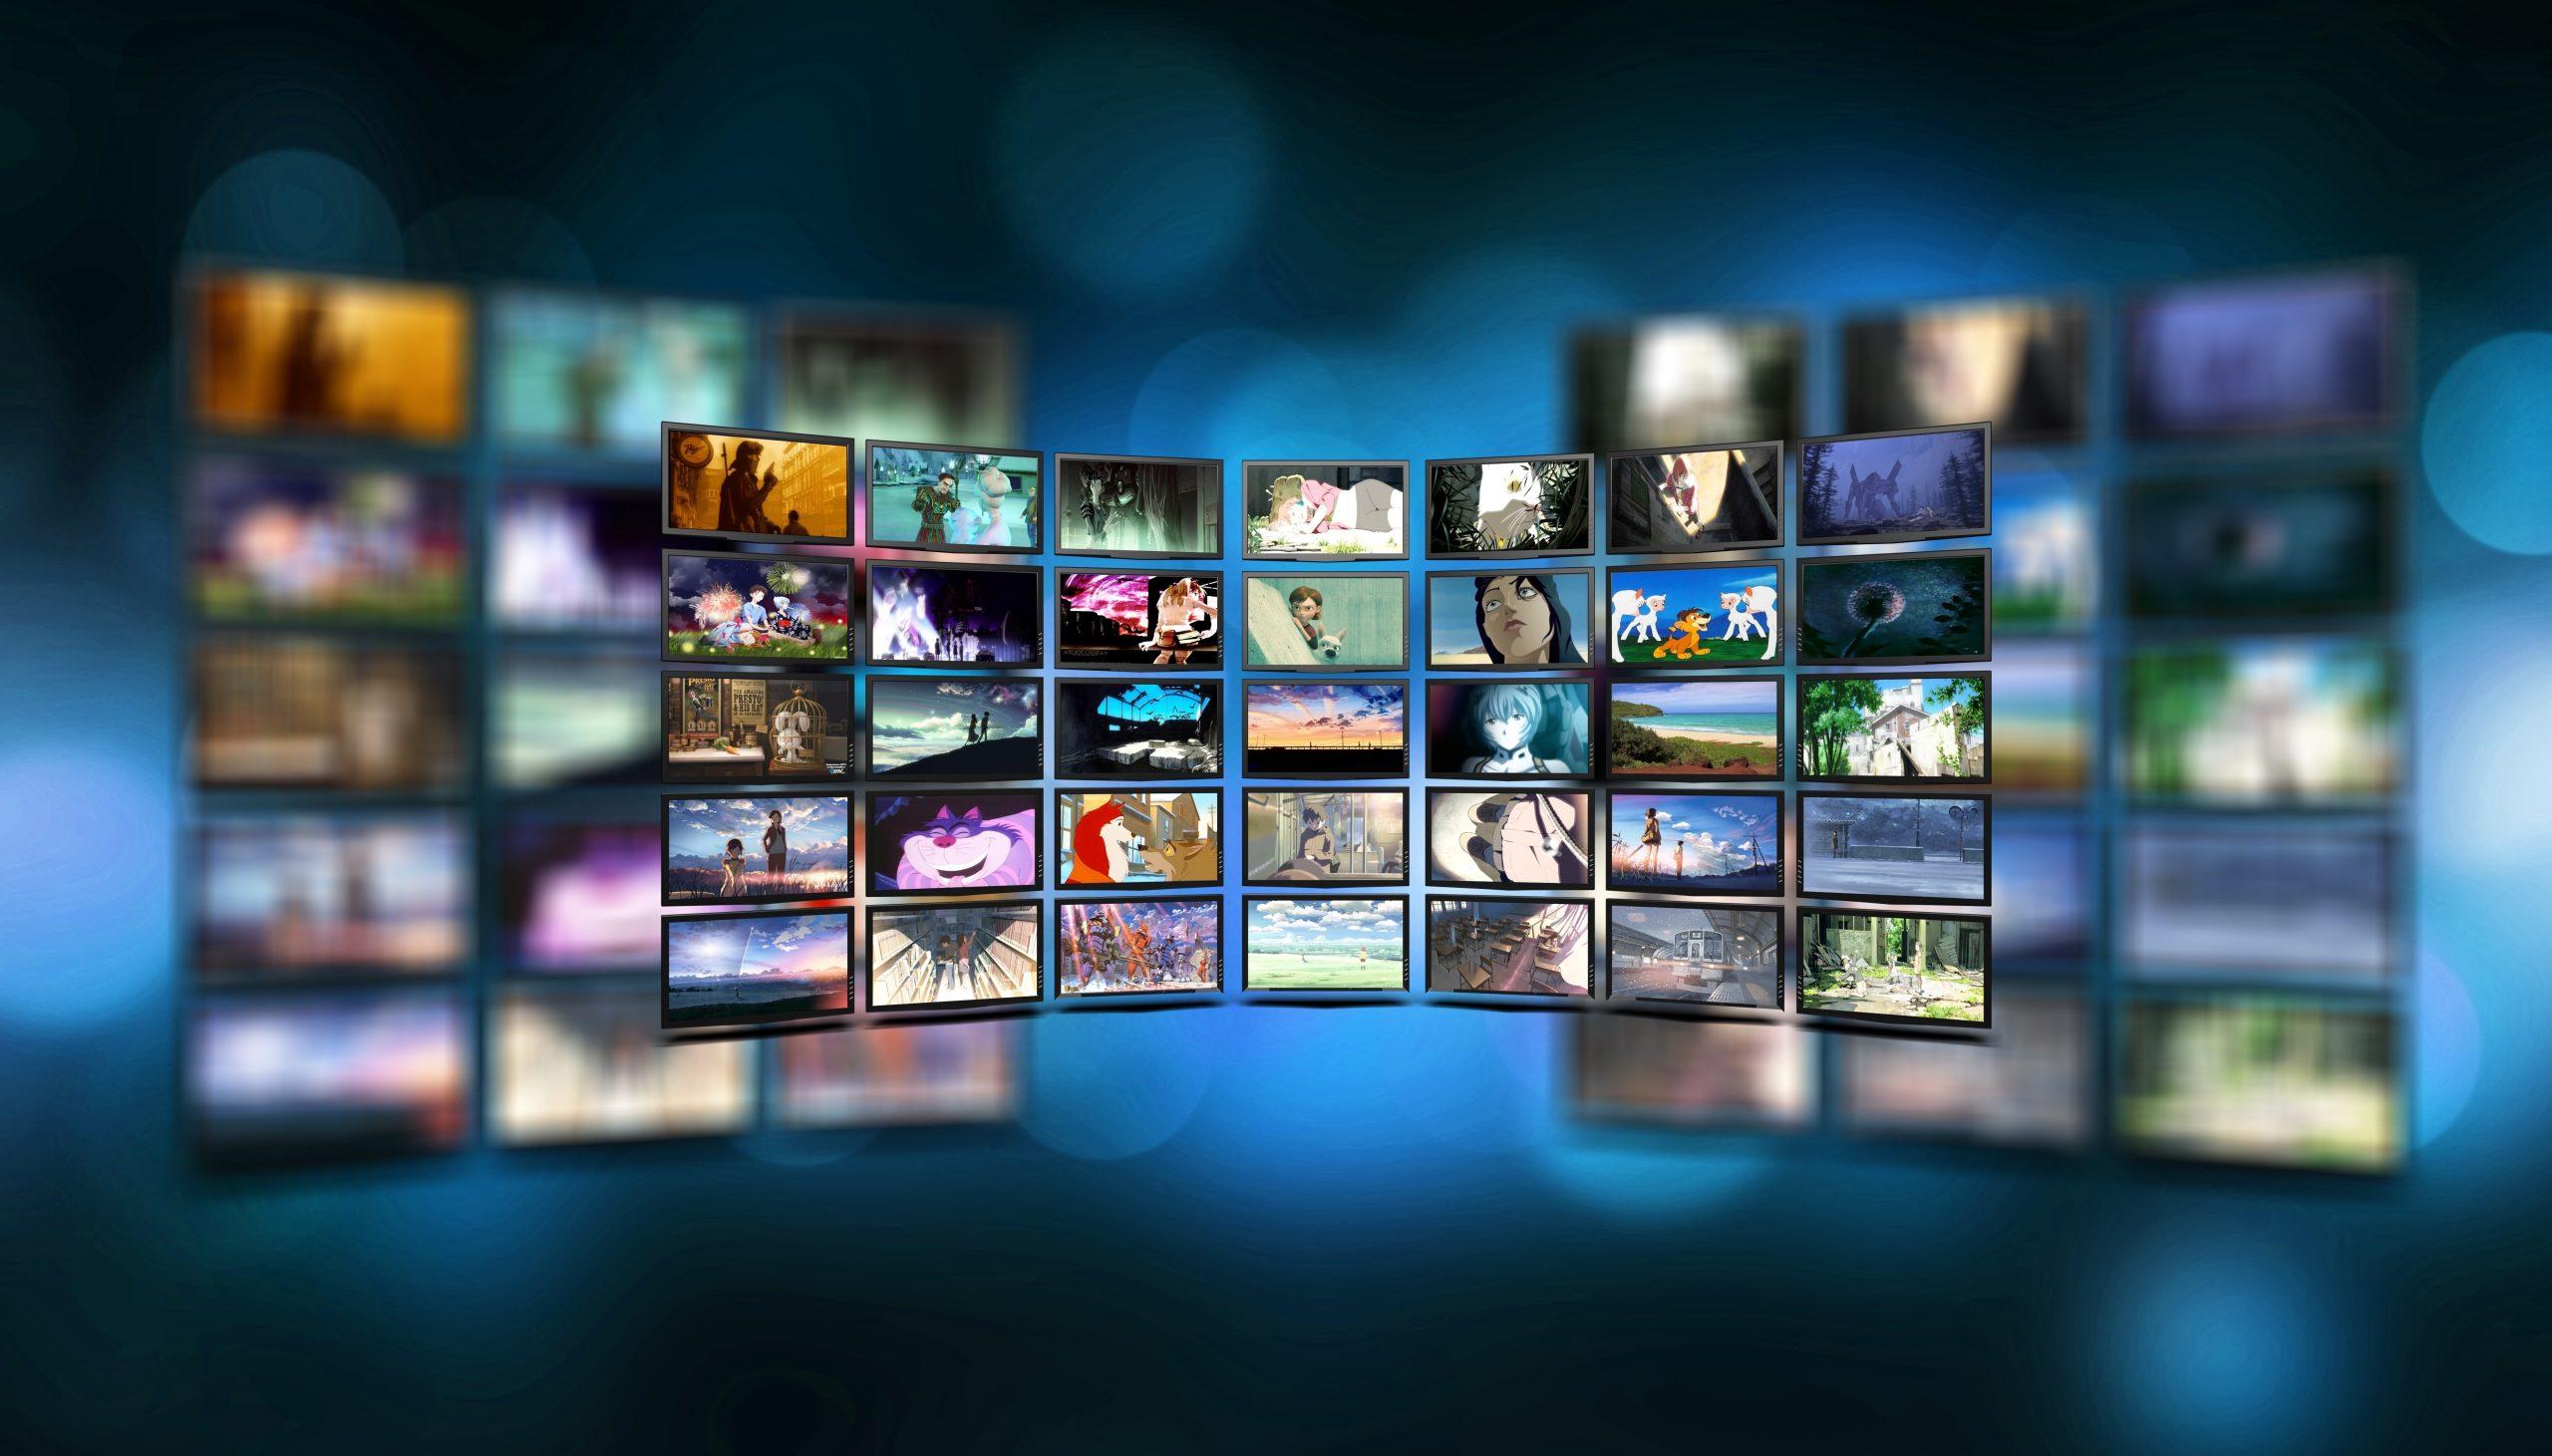 L'importanza degli eventi digitali tra B2C e B2B